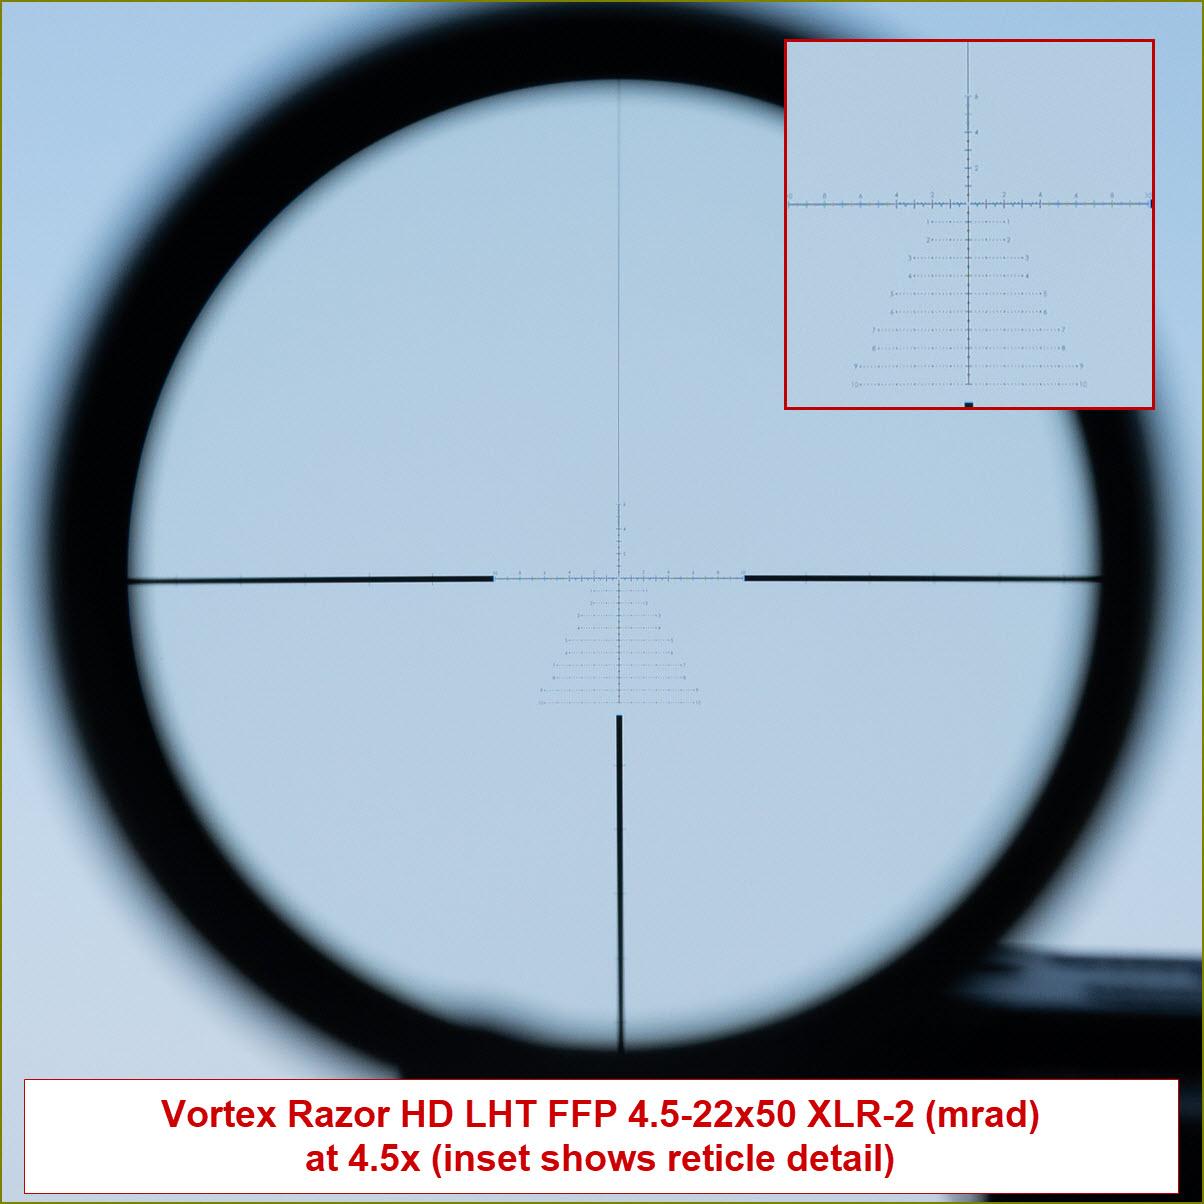 20210808_Vortex_Razor_HD_LHT_FFP_4.5-22x50_XLR-2_MRAD_4.5x_001.jpg